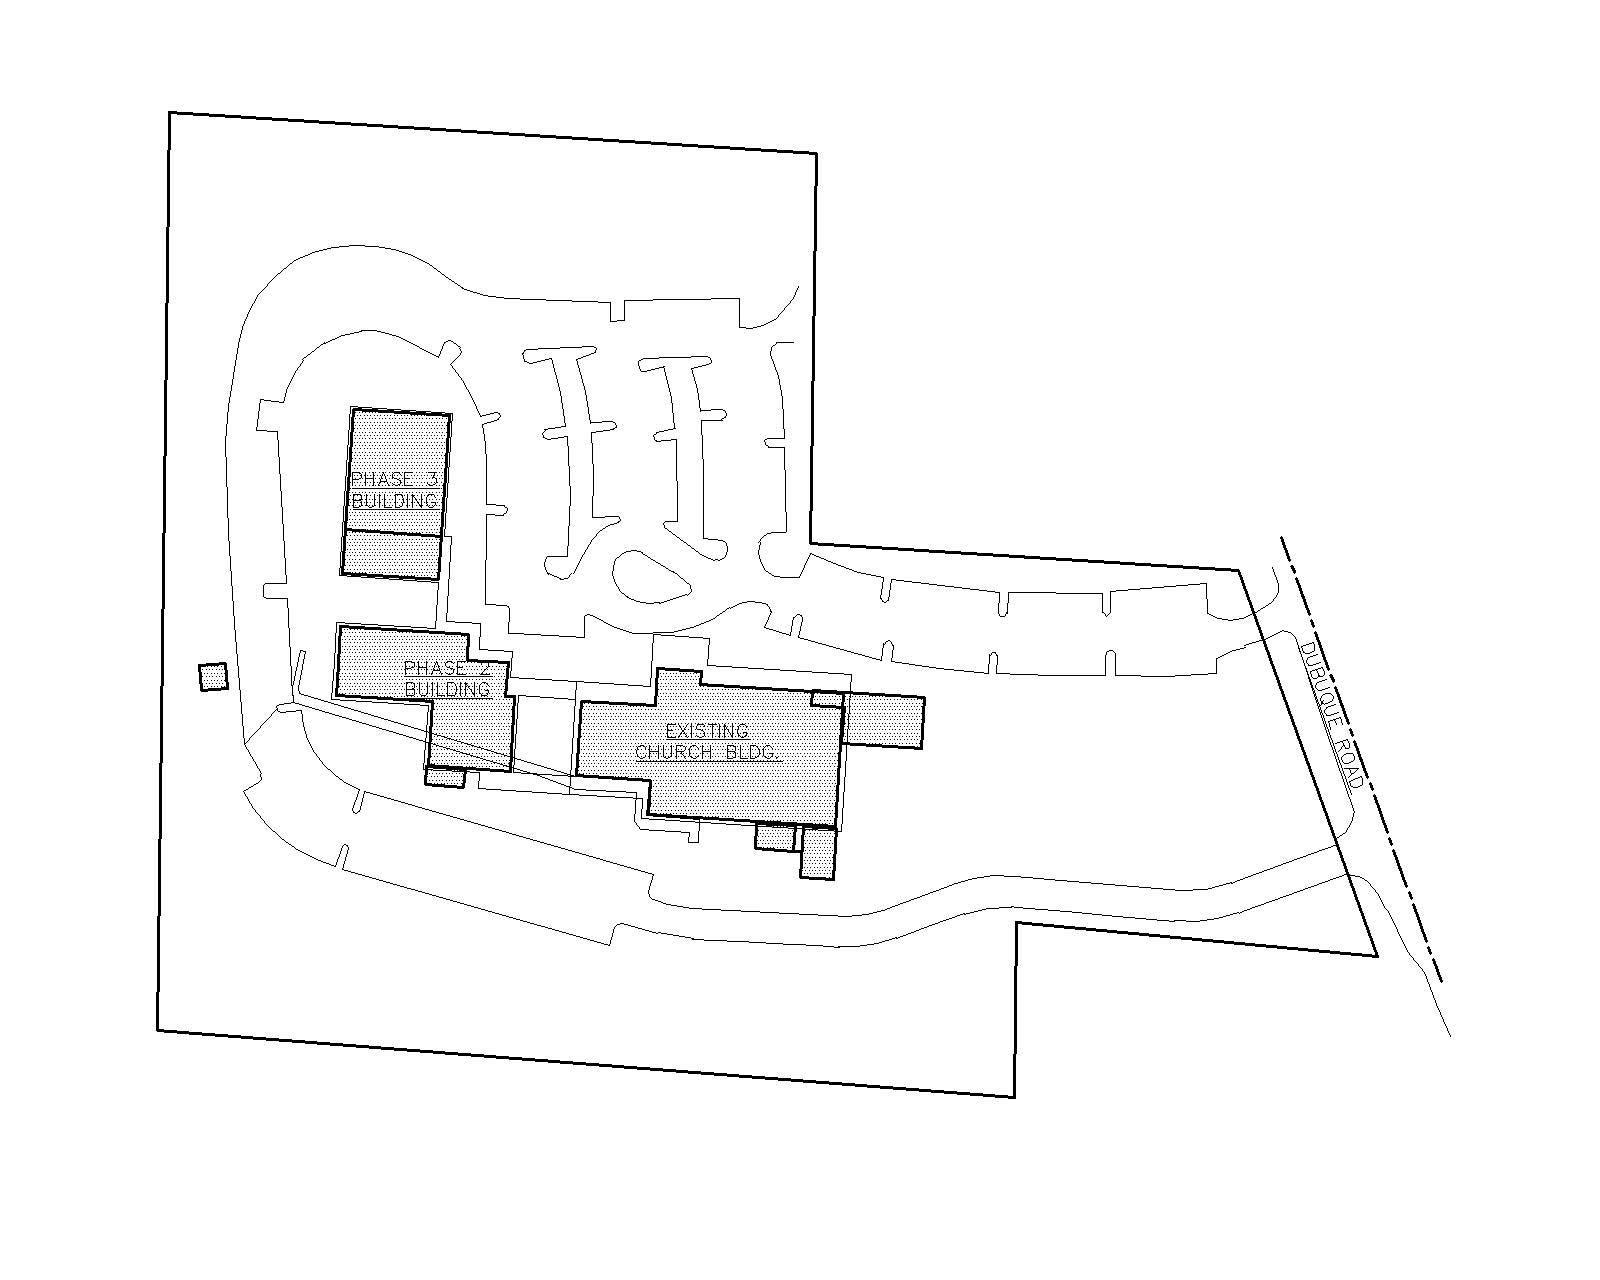 scc-plans